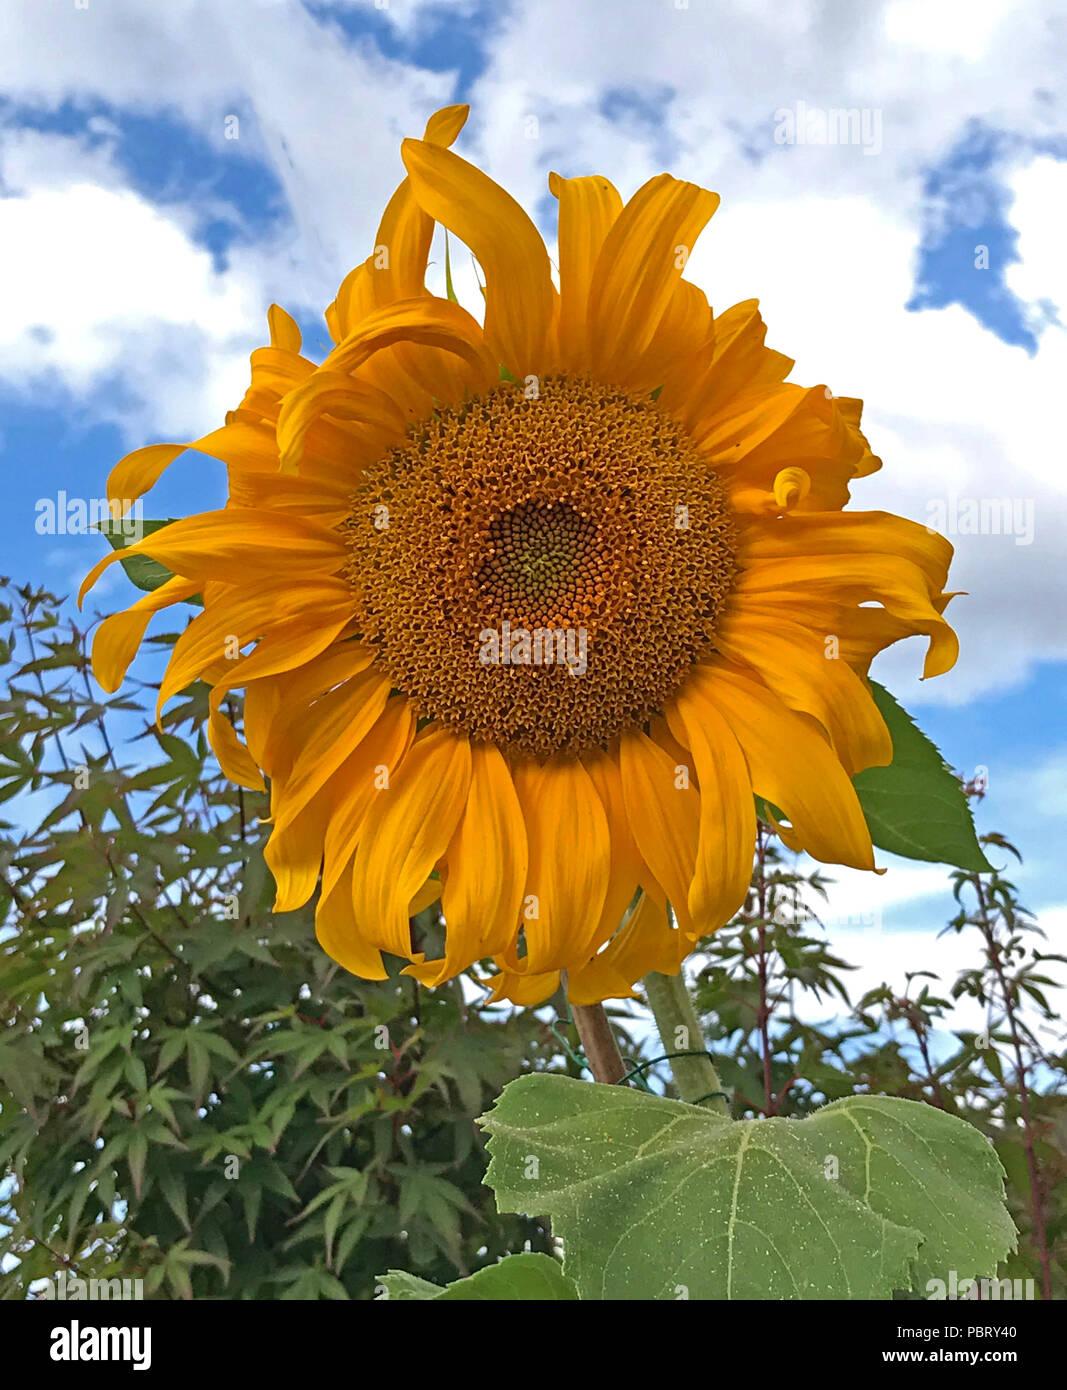 GoTonySmith,@HotpixUK,Helianthus,orange,yellow,flower